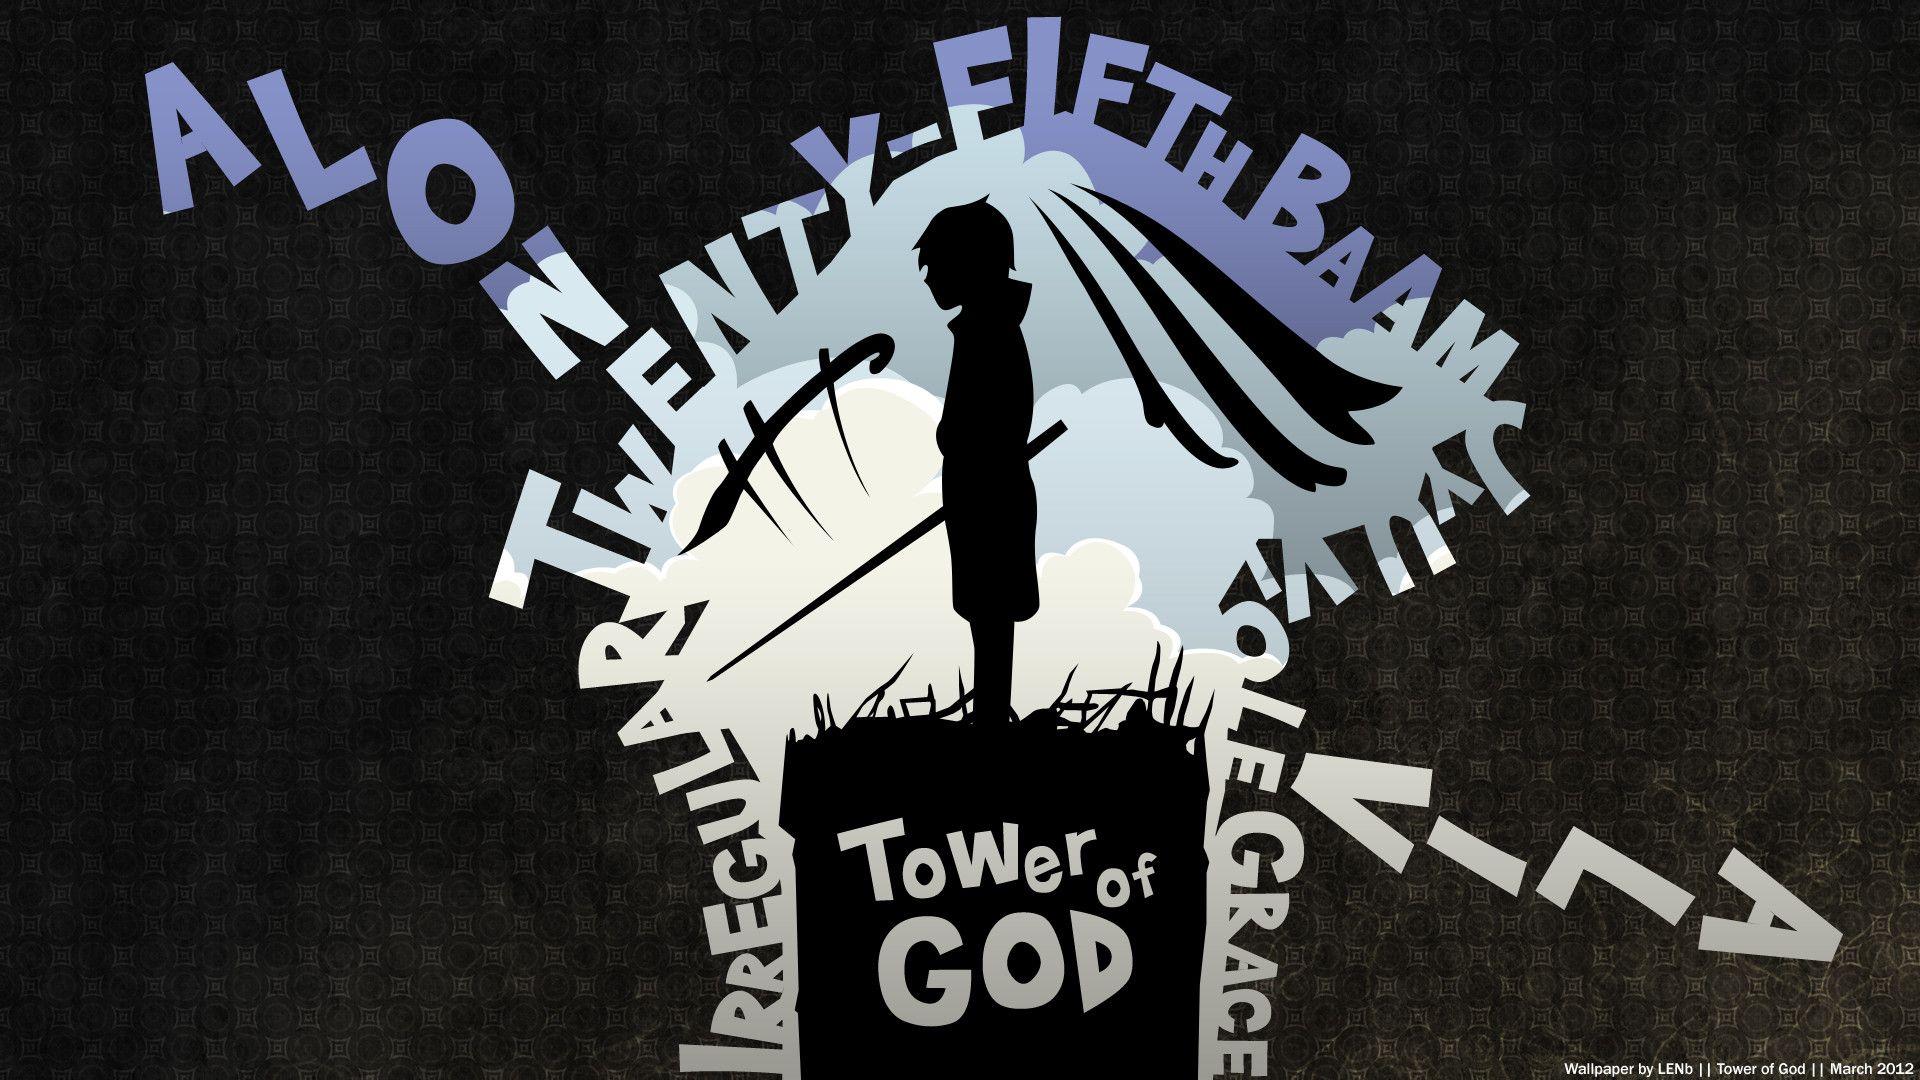 1920x1080 Tower Of God Download Tower Of God Image Tower God Illustrations God